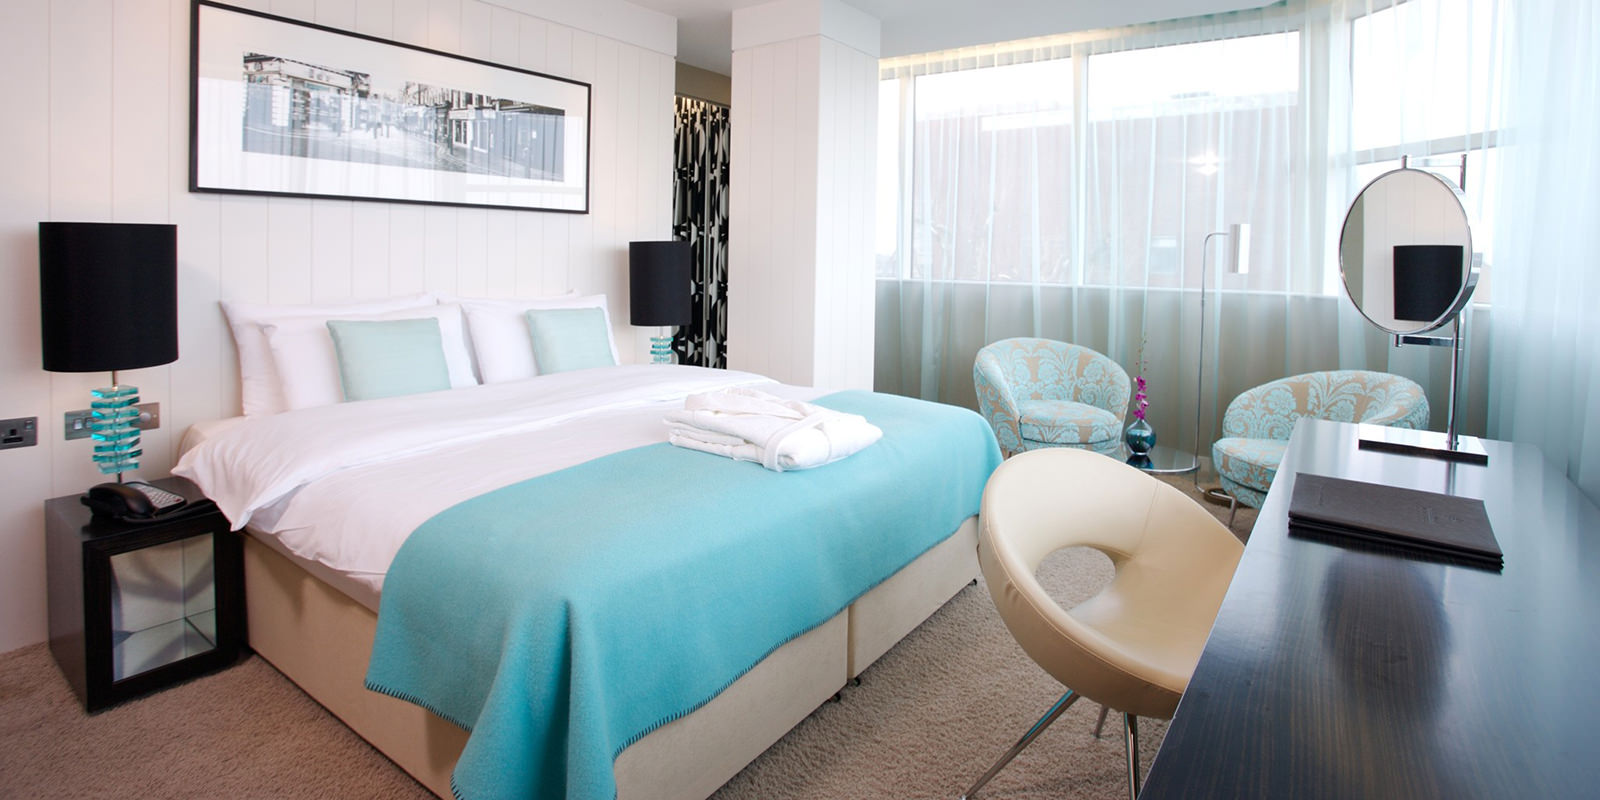 Сочетание цветов в интерьере спальни (50 фото): красивые примеры и психология цветовой гаммы